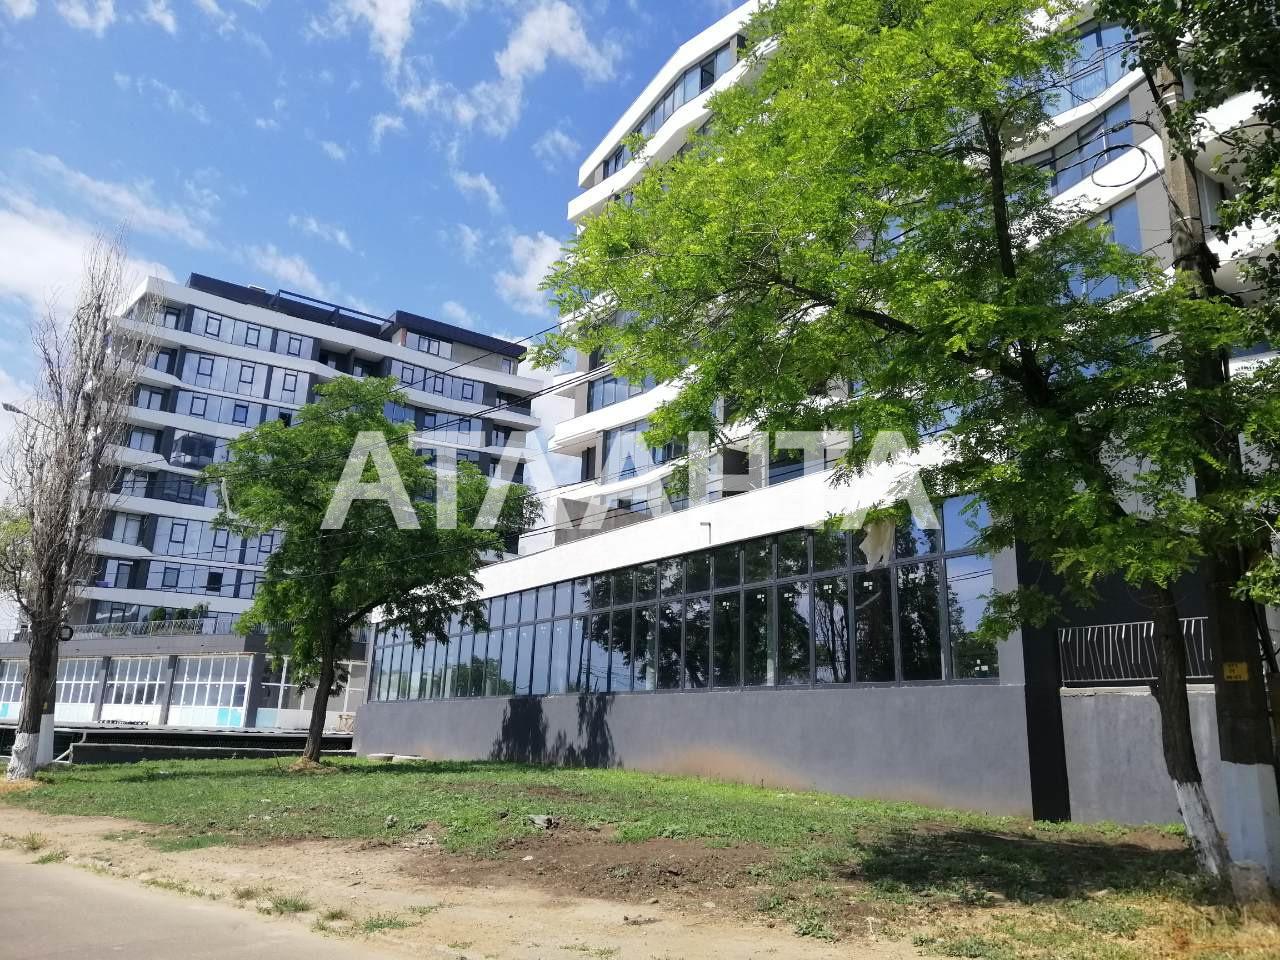 Продается 2-комнатная Квартира на ул. Фонтанская Дор. (Перекопской Дивизии) — 146 400 у.е. (фото №9)